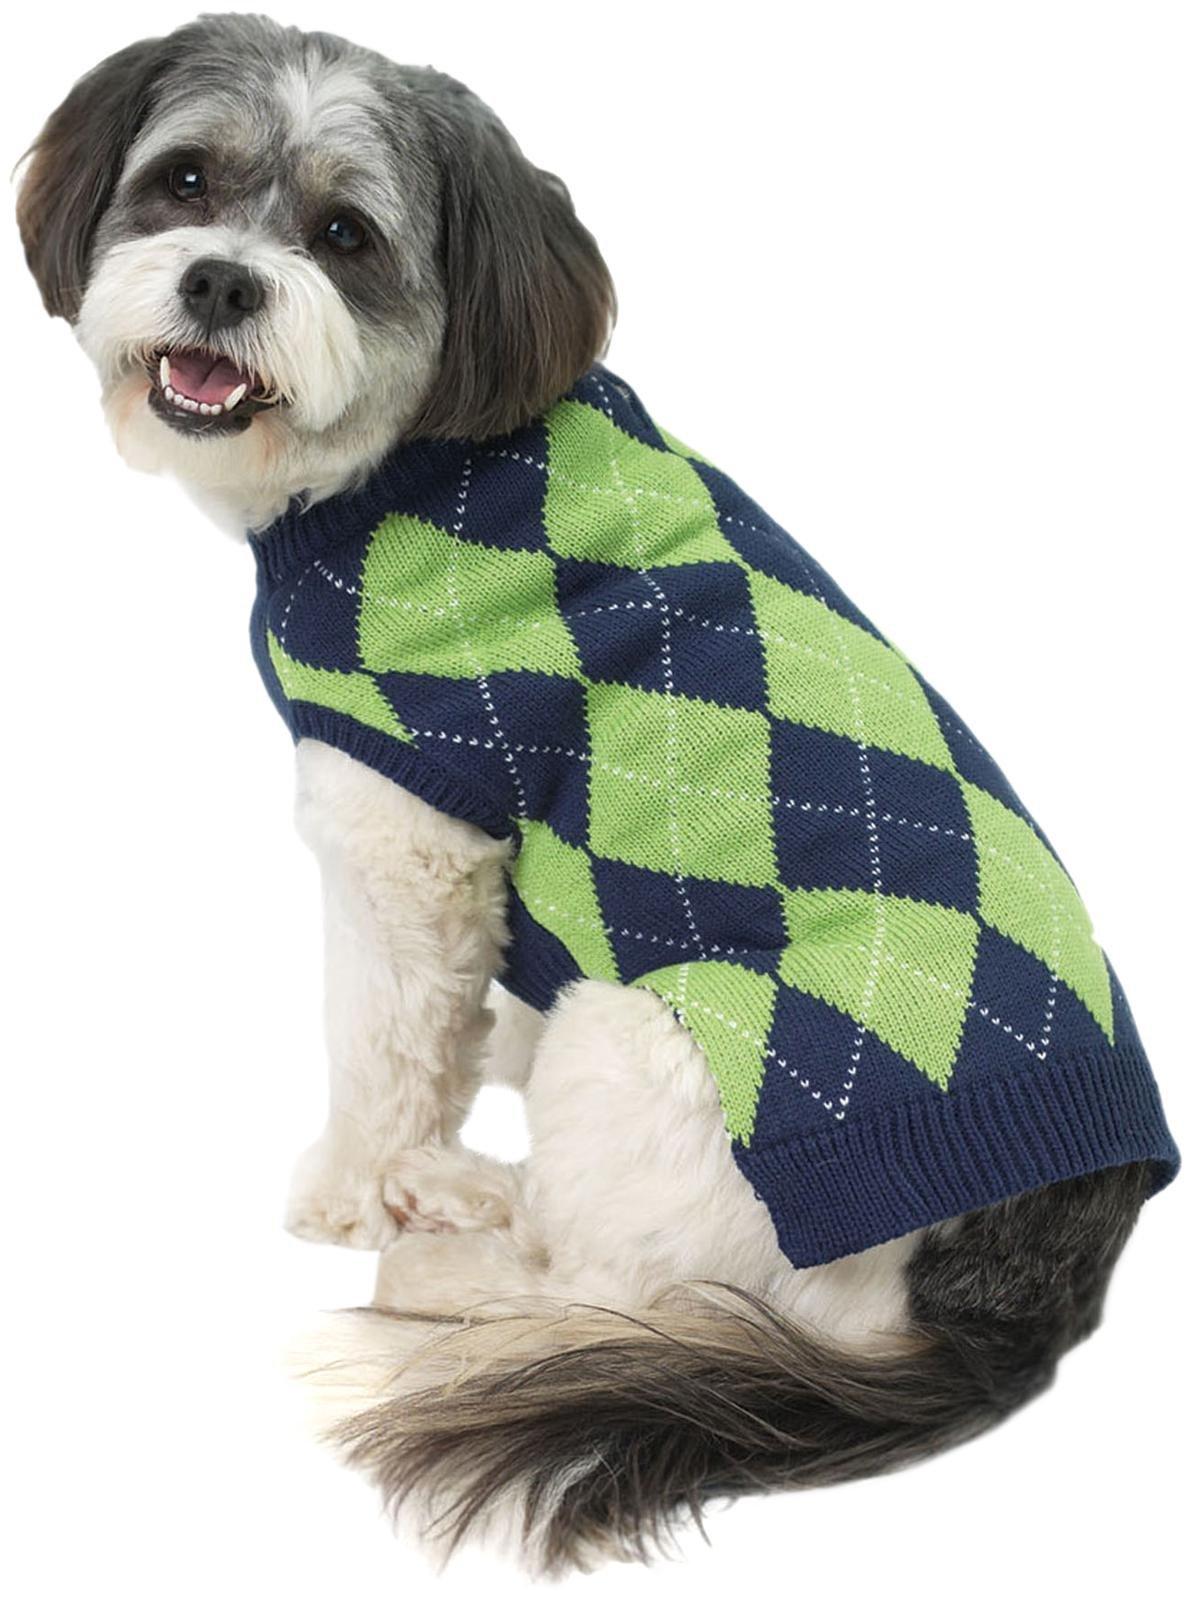 Petrageous Designs Alex?S Argyle Sweater - Navy/Lime - X-Small